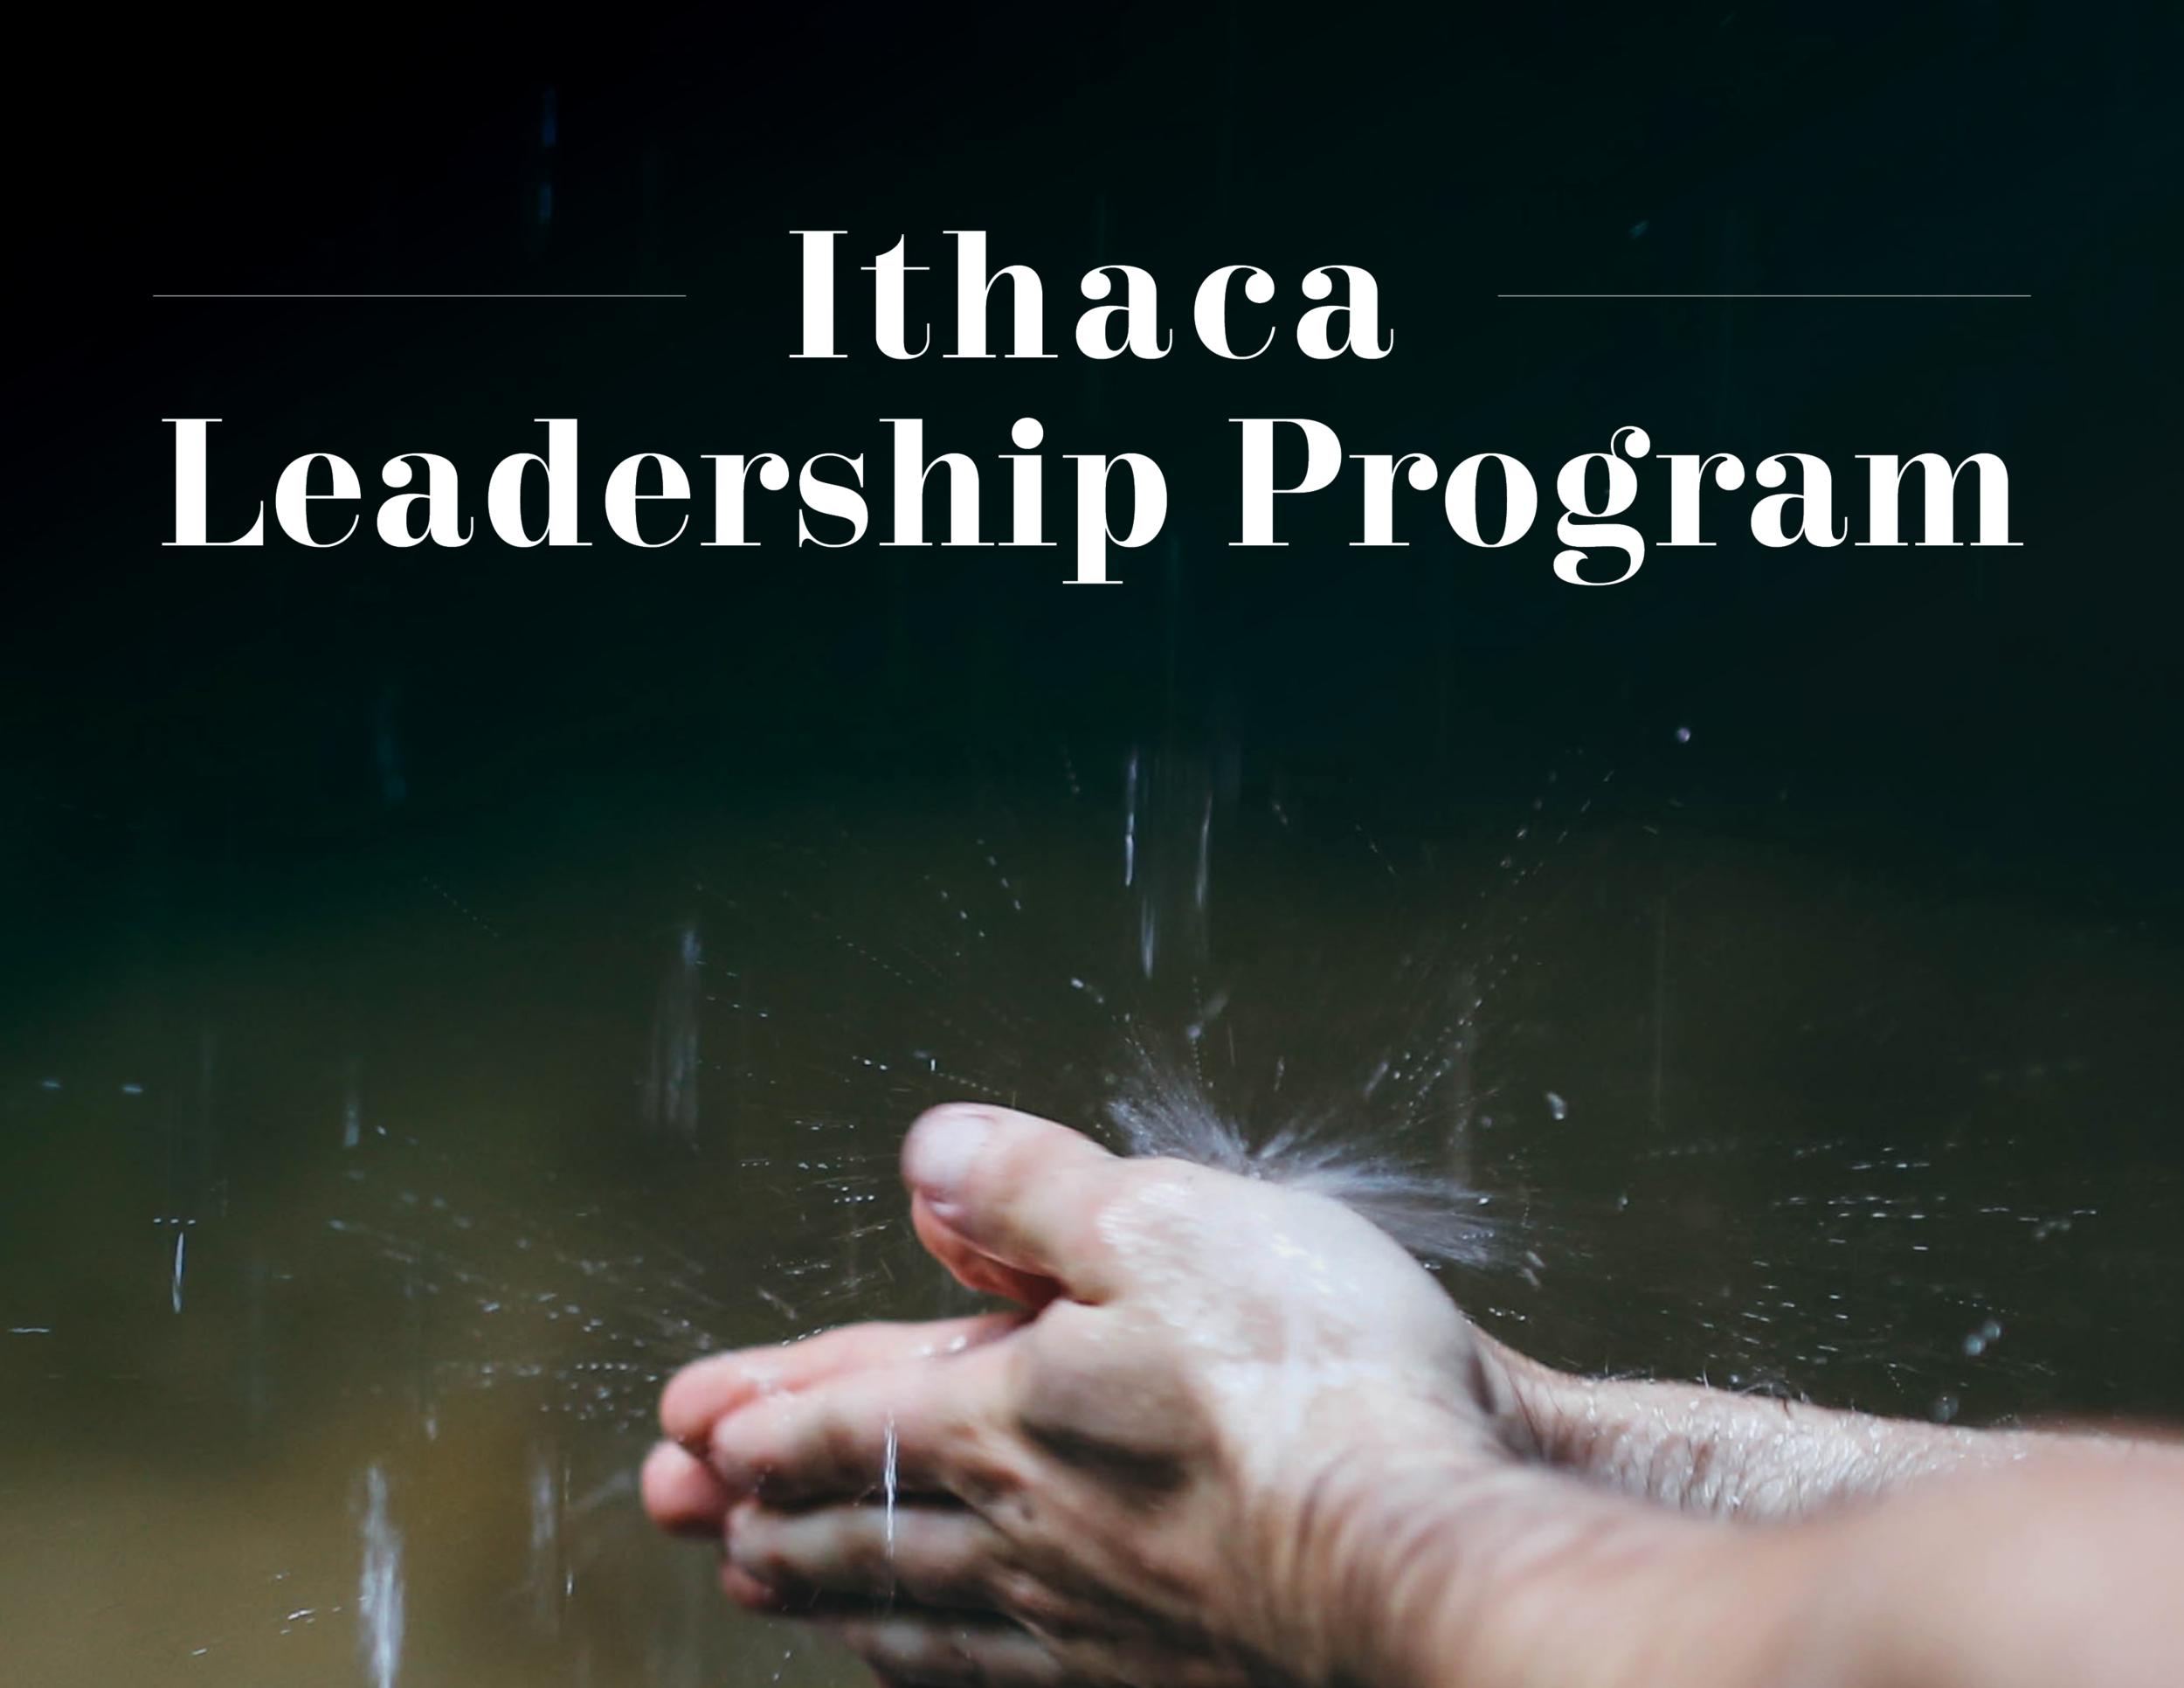 Ithaca-leadership-program.png